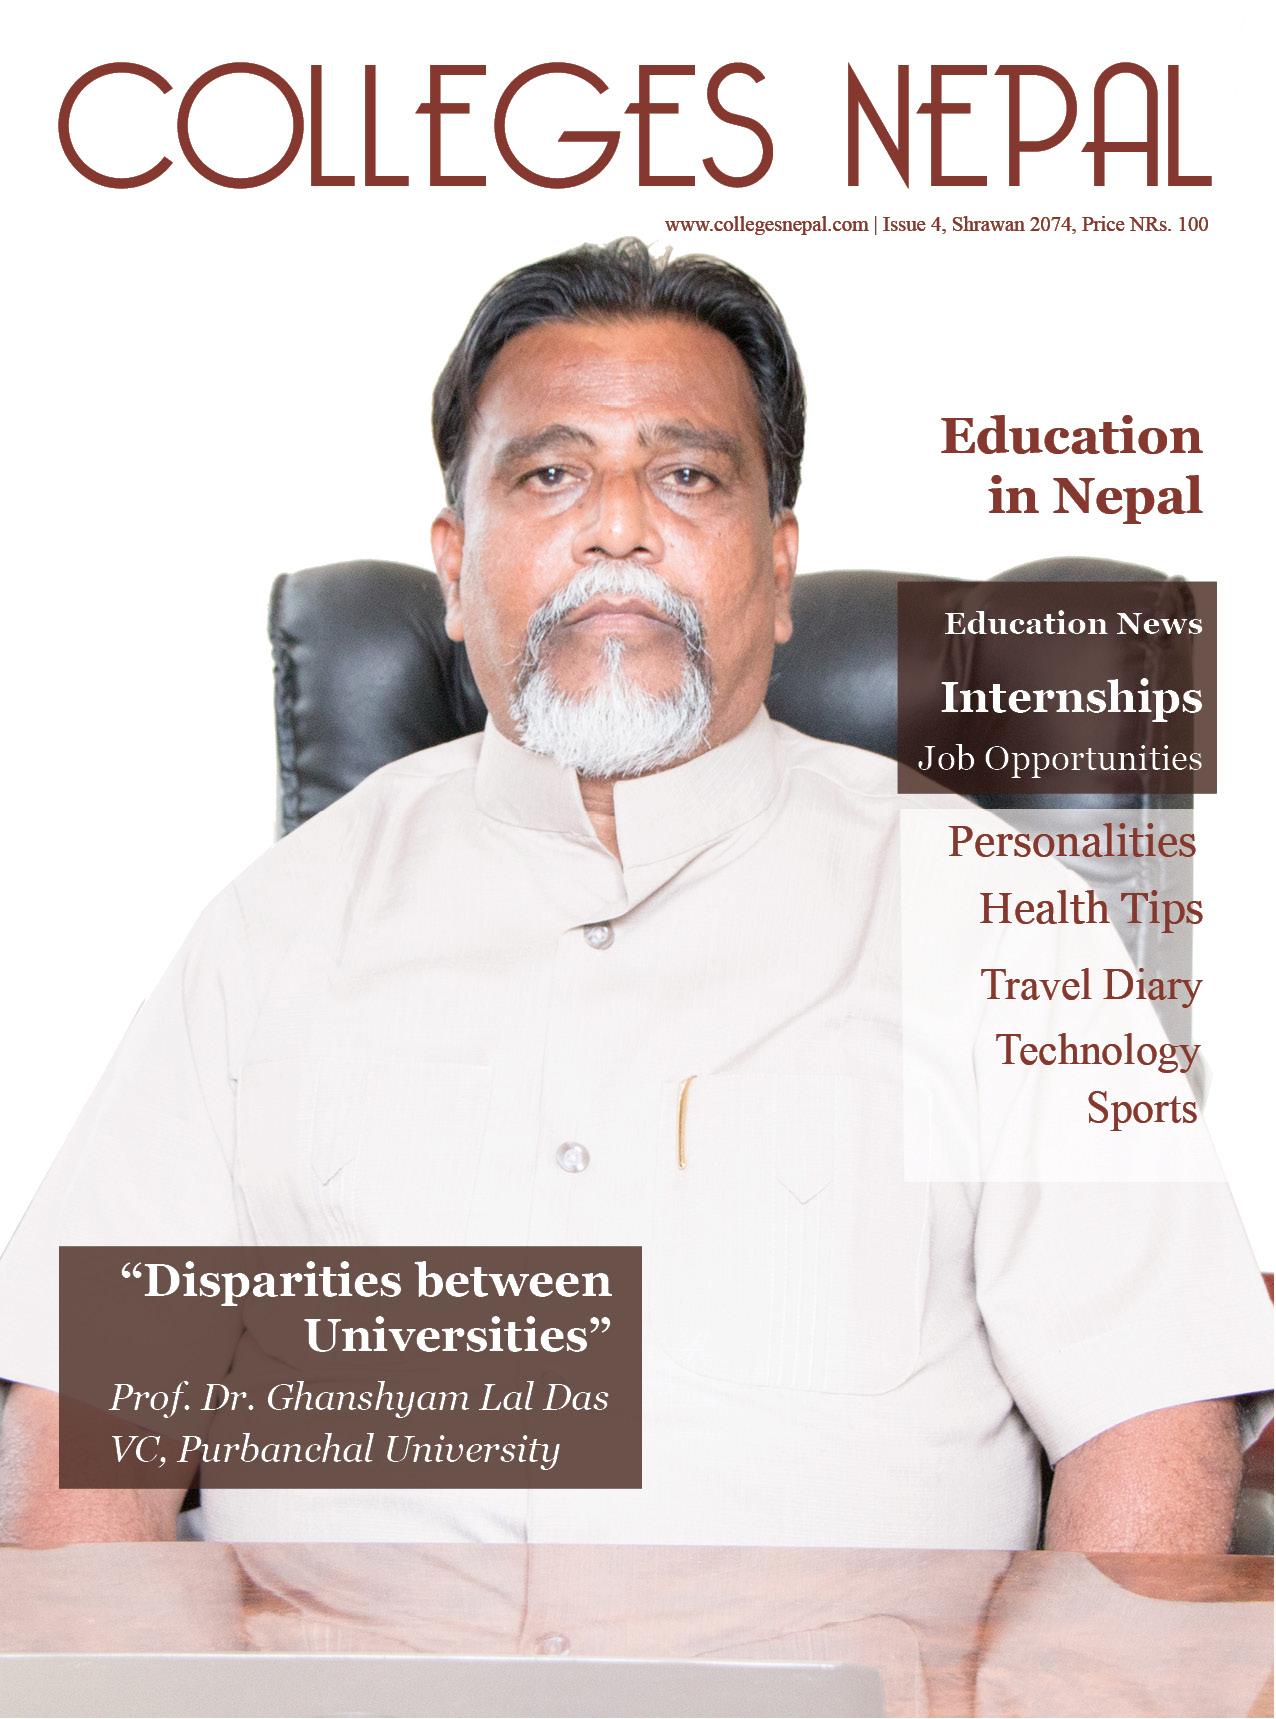 Shrawan 2074 Issue